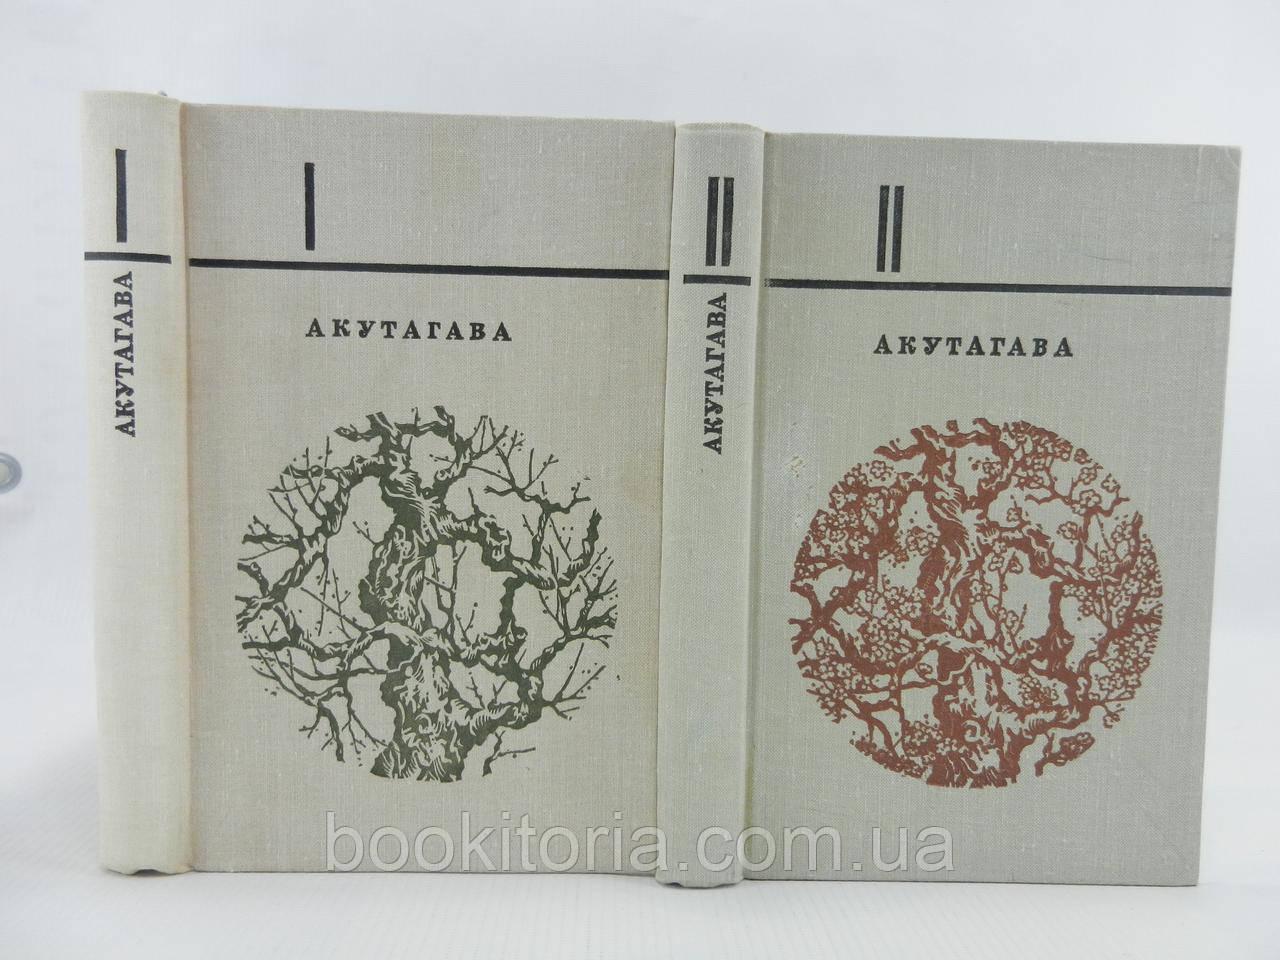 Акутагава Р. Избранное в двух томах (б/у).